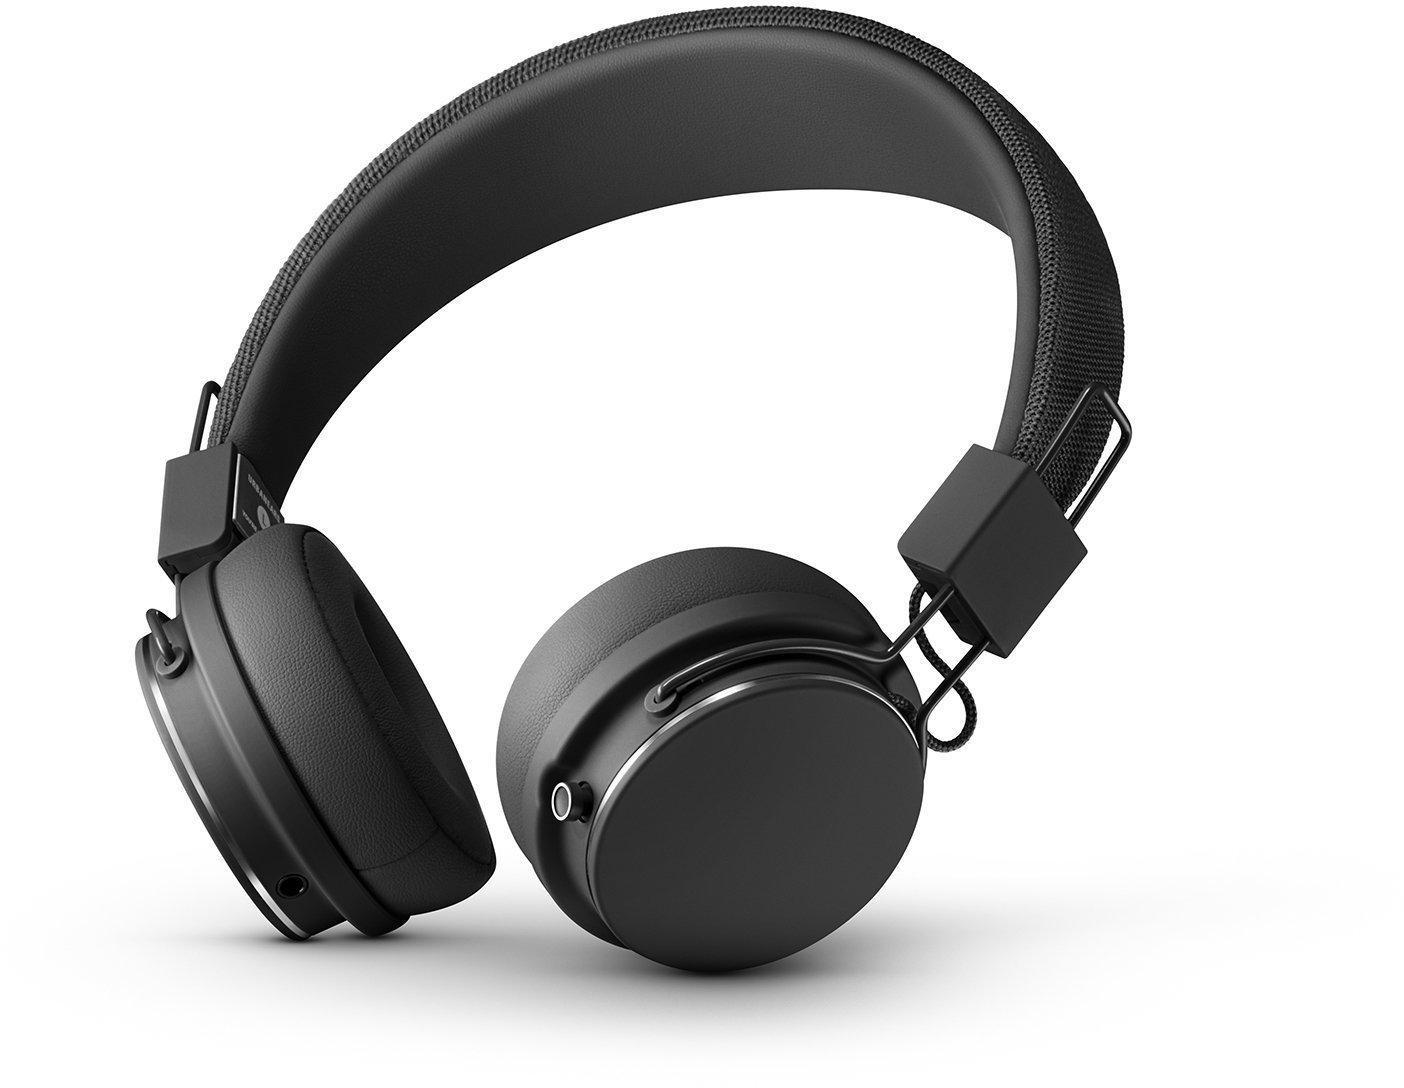 Беспроводные наушники Urbanears Plattan 2 Bluetooth, черный цена и фото